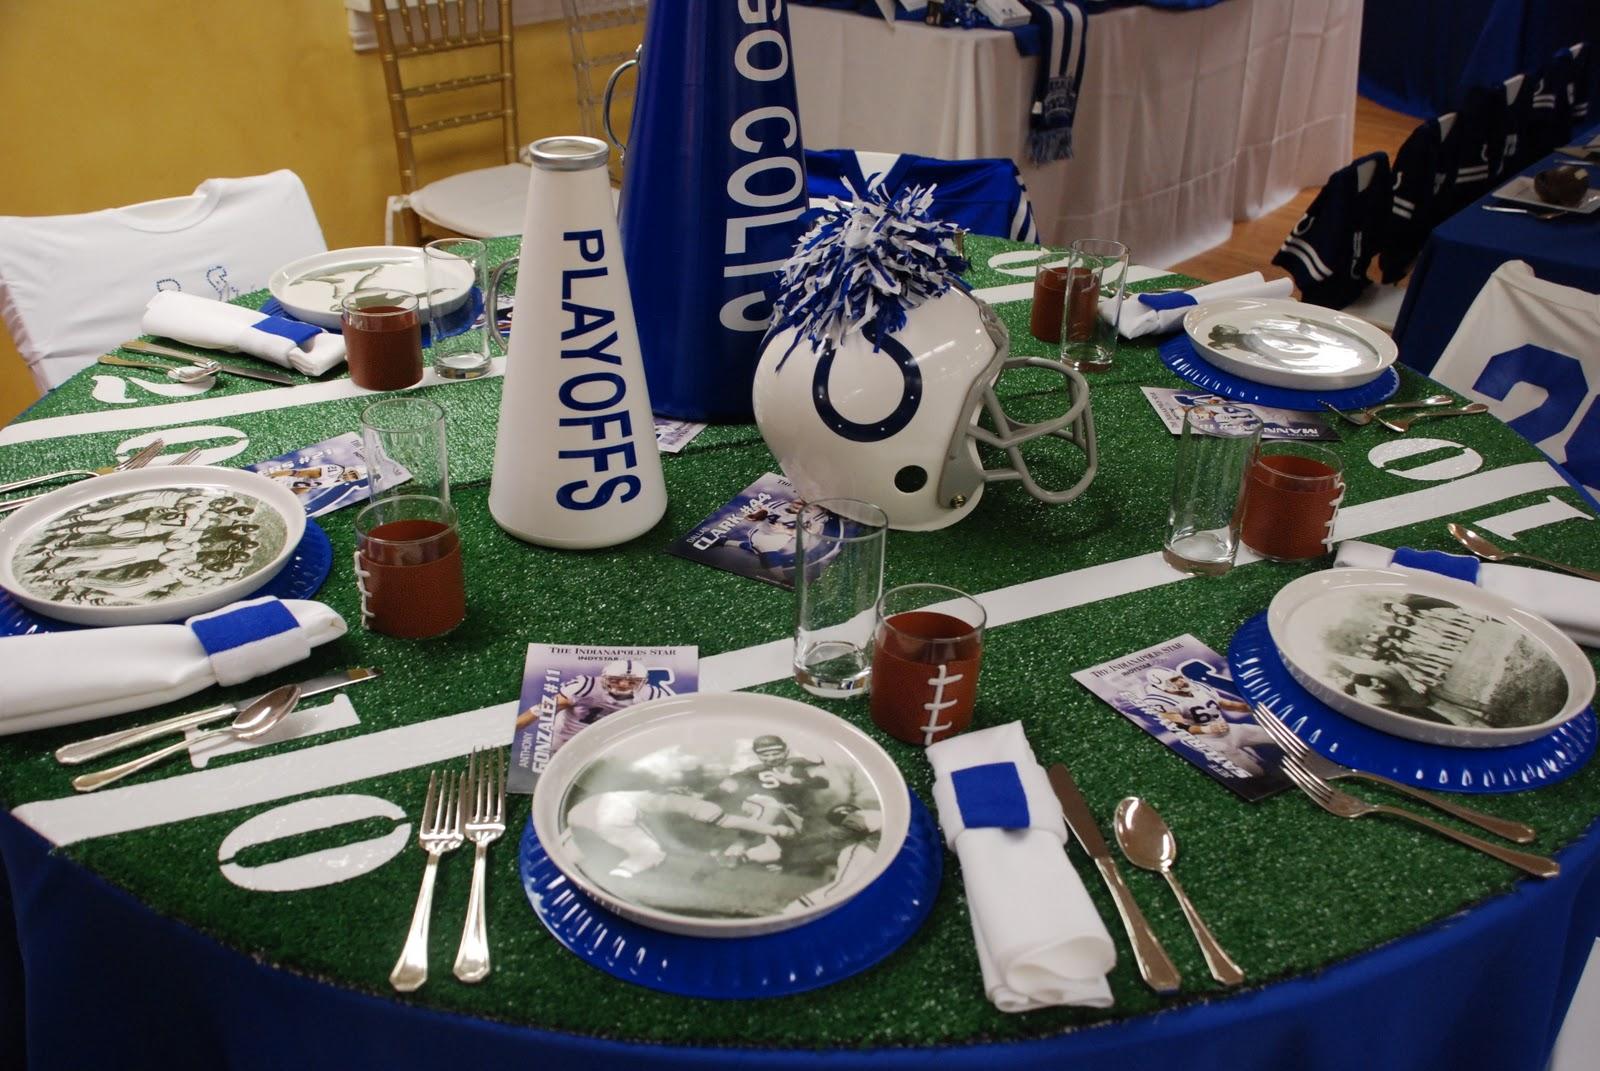 Football Banquet Centerpiece Ideas